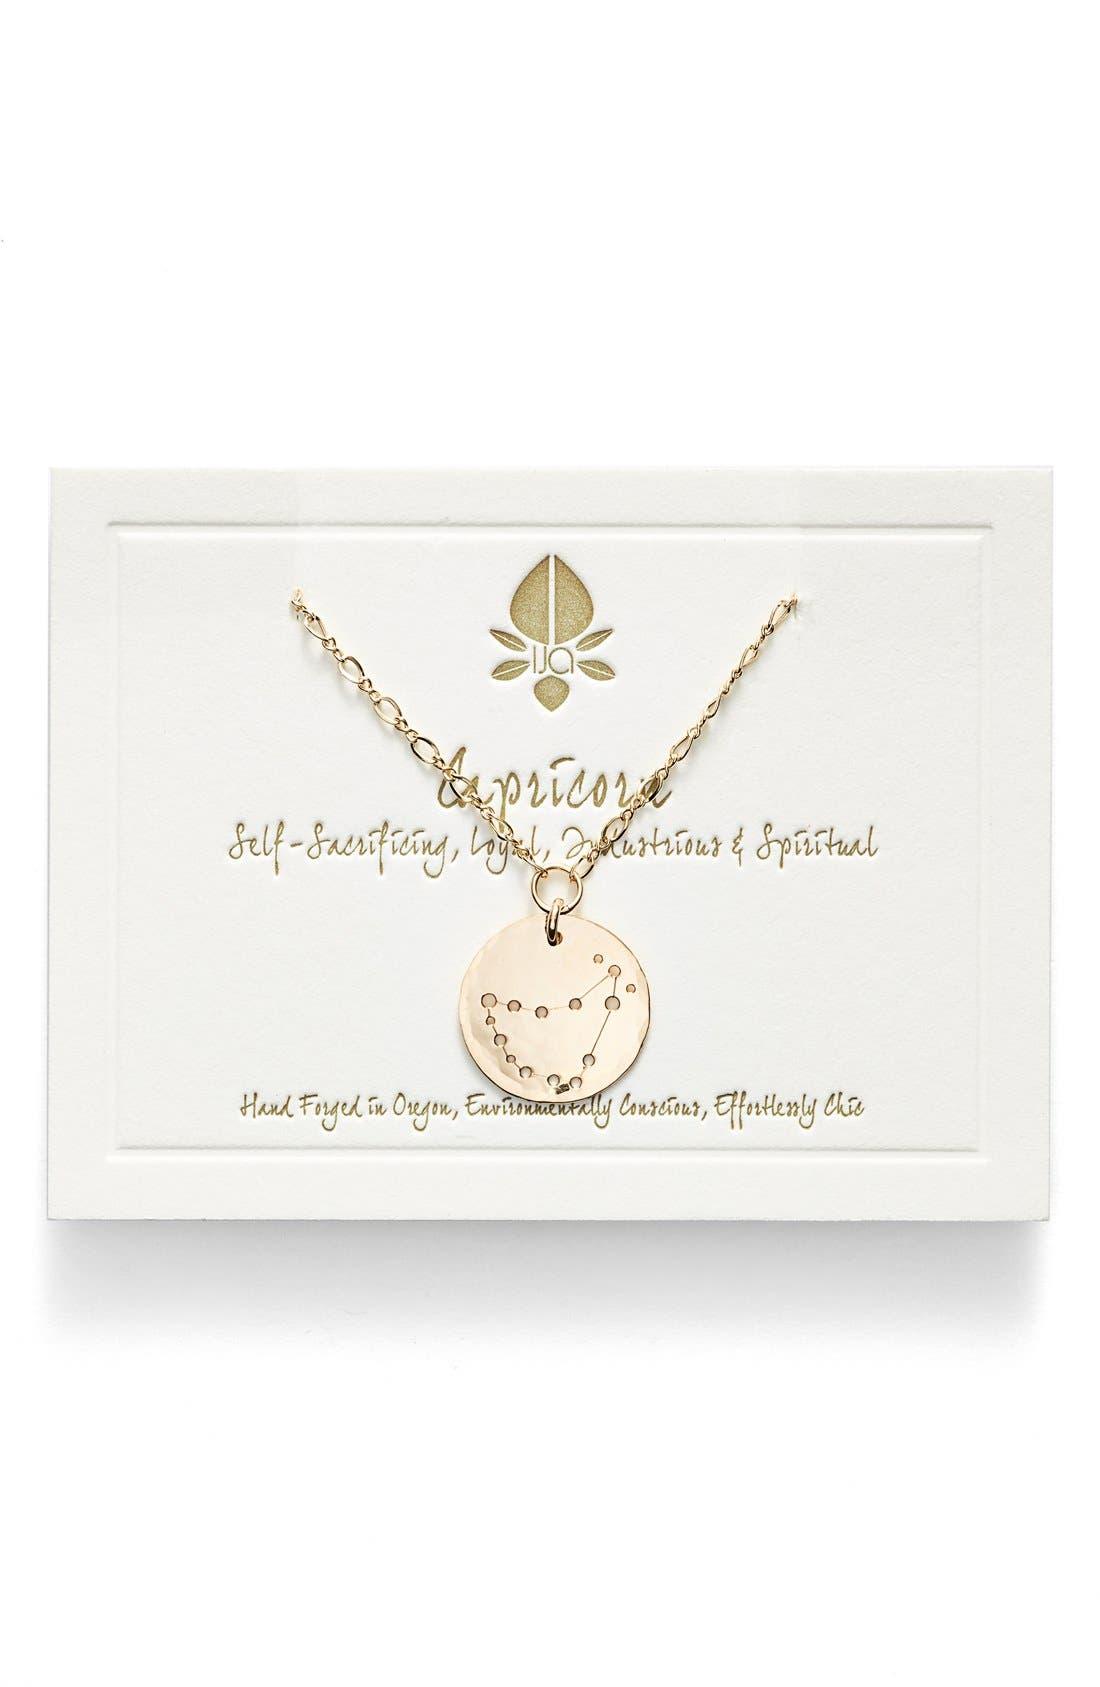 Ija 'Large Zodiac' 14k-Gold Fill Necklace,                             Main thumbnail 1, color,                             14K Gold Fill Capricorn